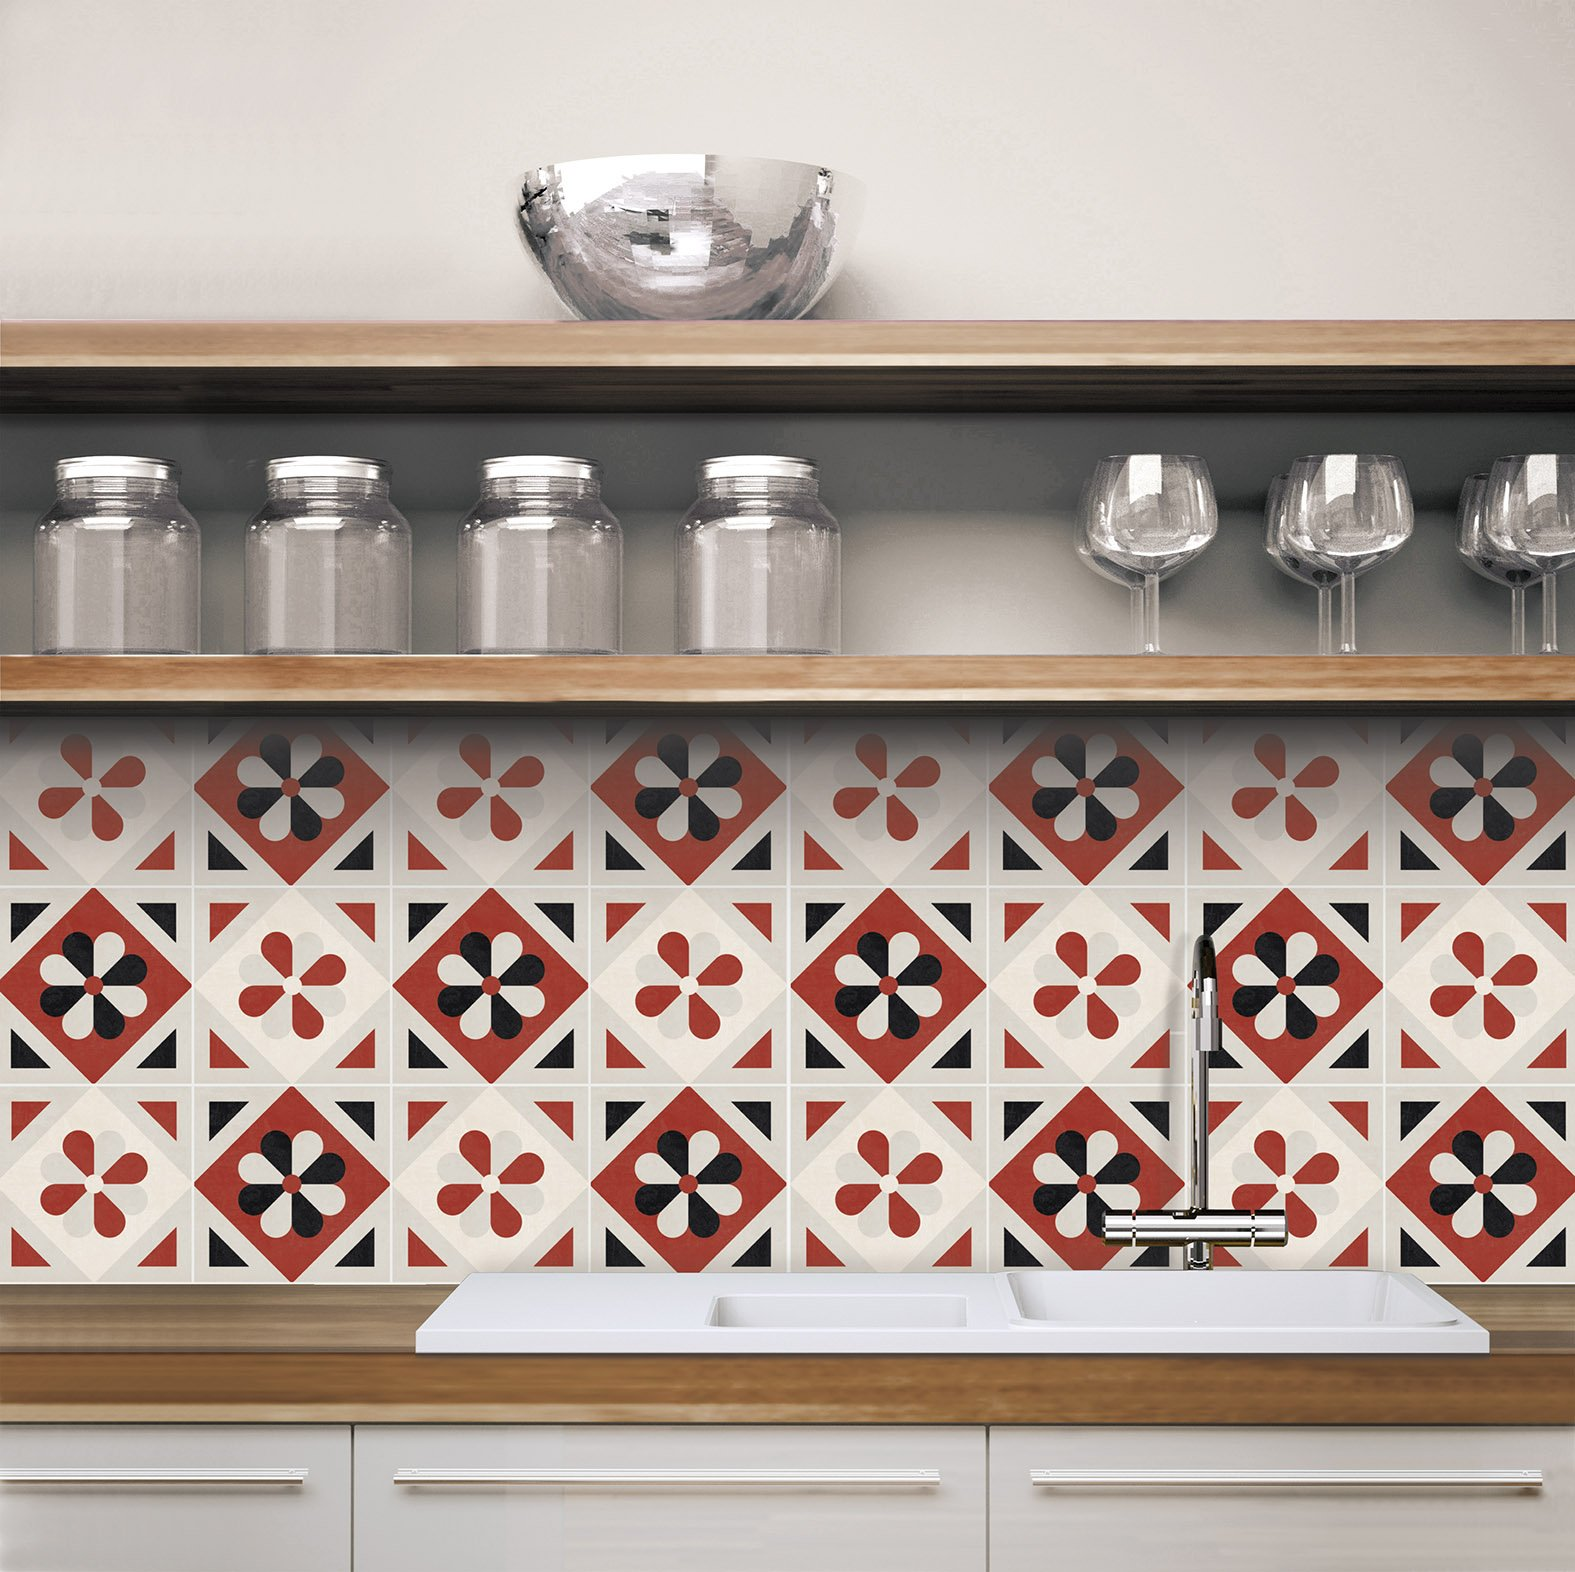 Adesivi per piastrelle per rinnovare il look di pareti e pavimenti ...